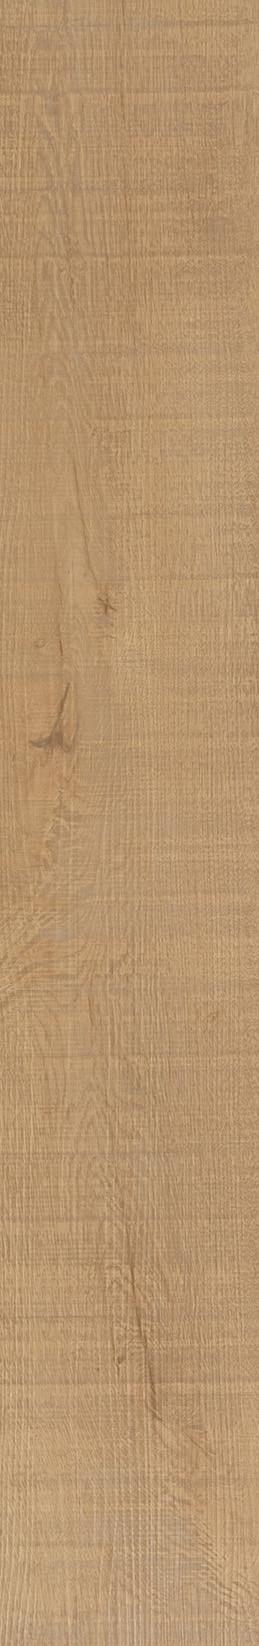 vinylboden restposten provence eiche s geraue holzoptik klick vinyl vinylboden. Black Bedroom Furniture Sets. Home Design Ideas